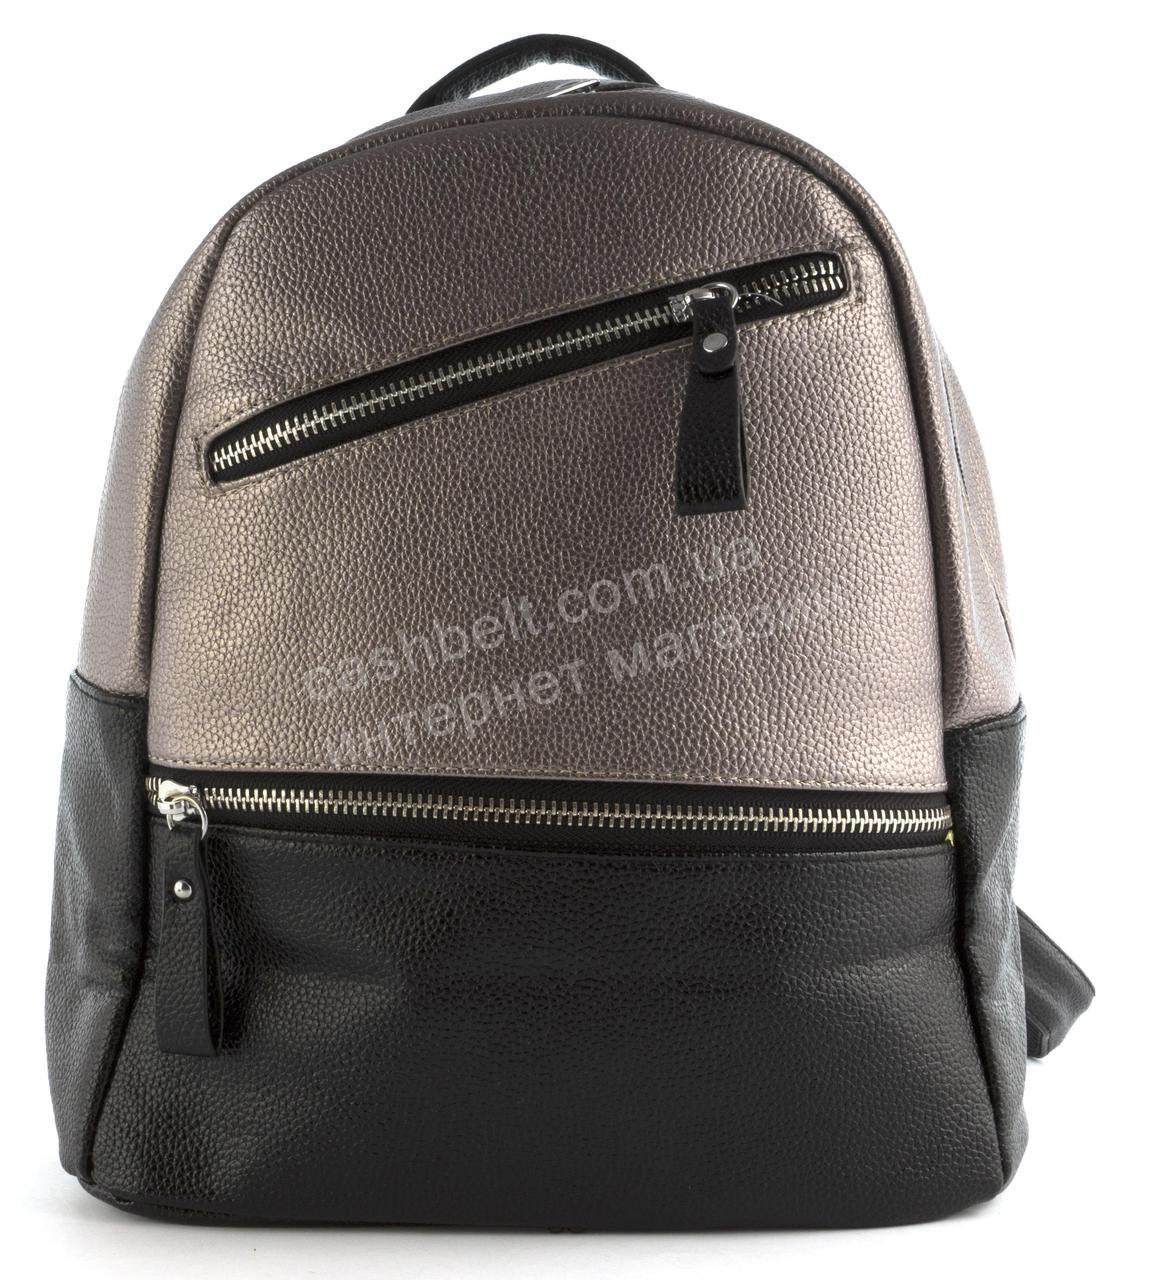 90f3f8e2 Стильный женский качественный городской рюкзак среднего размера art. 9868  черный/бронза